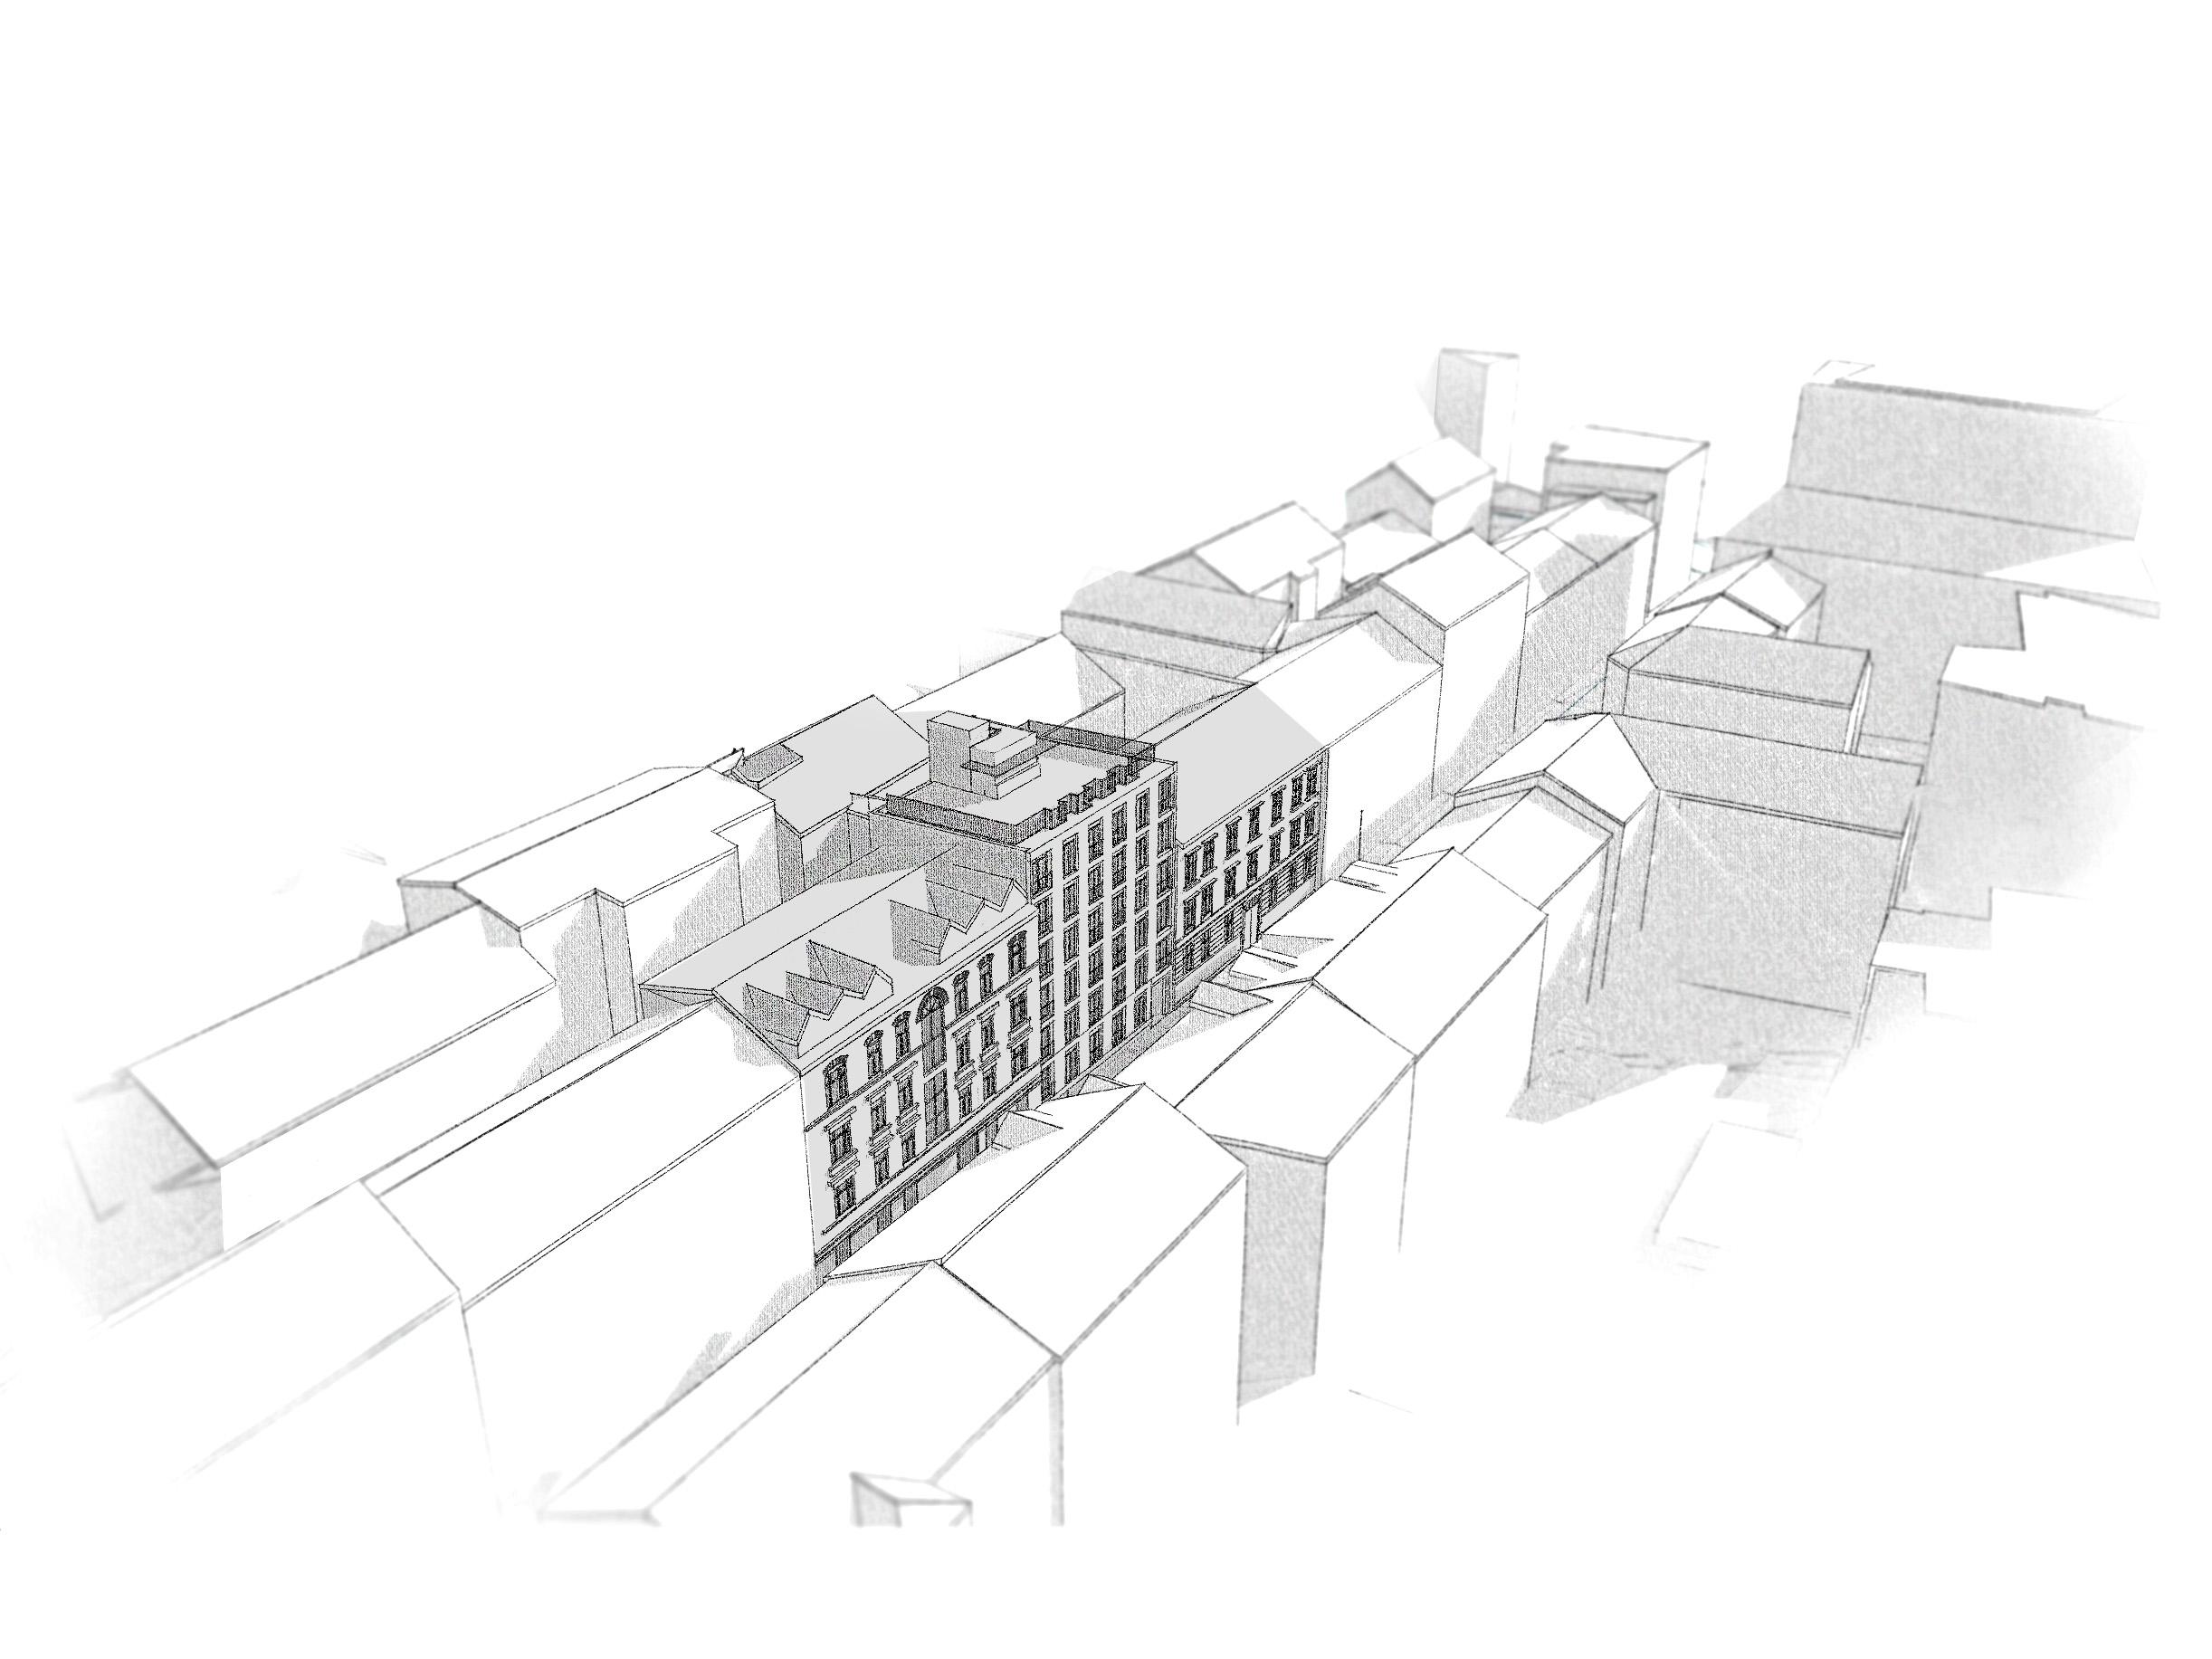 Fugleperspektiv: alternativ med full 6. etasje